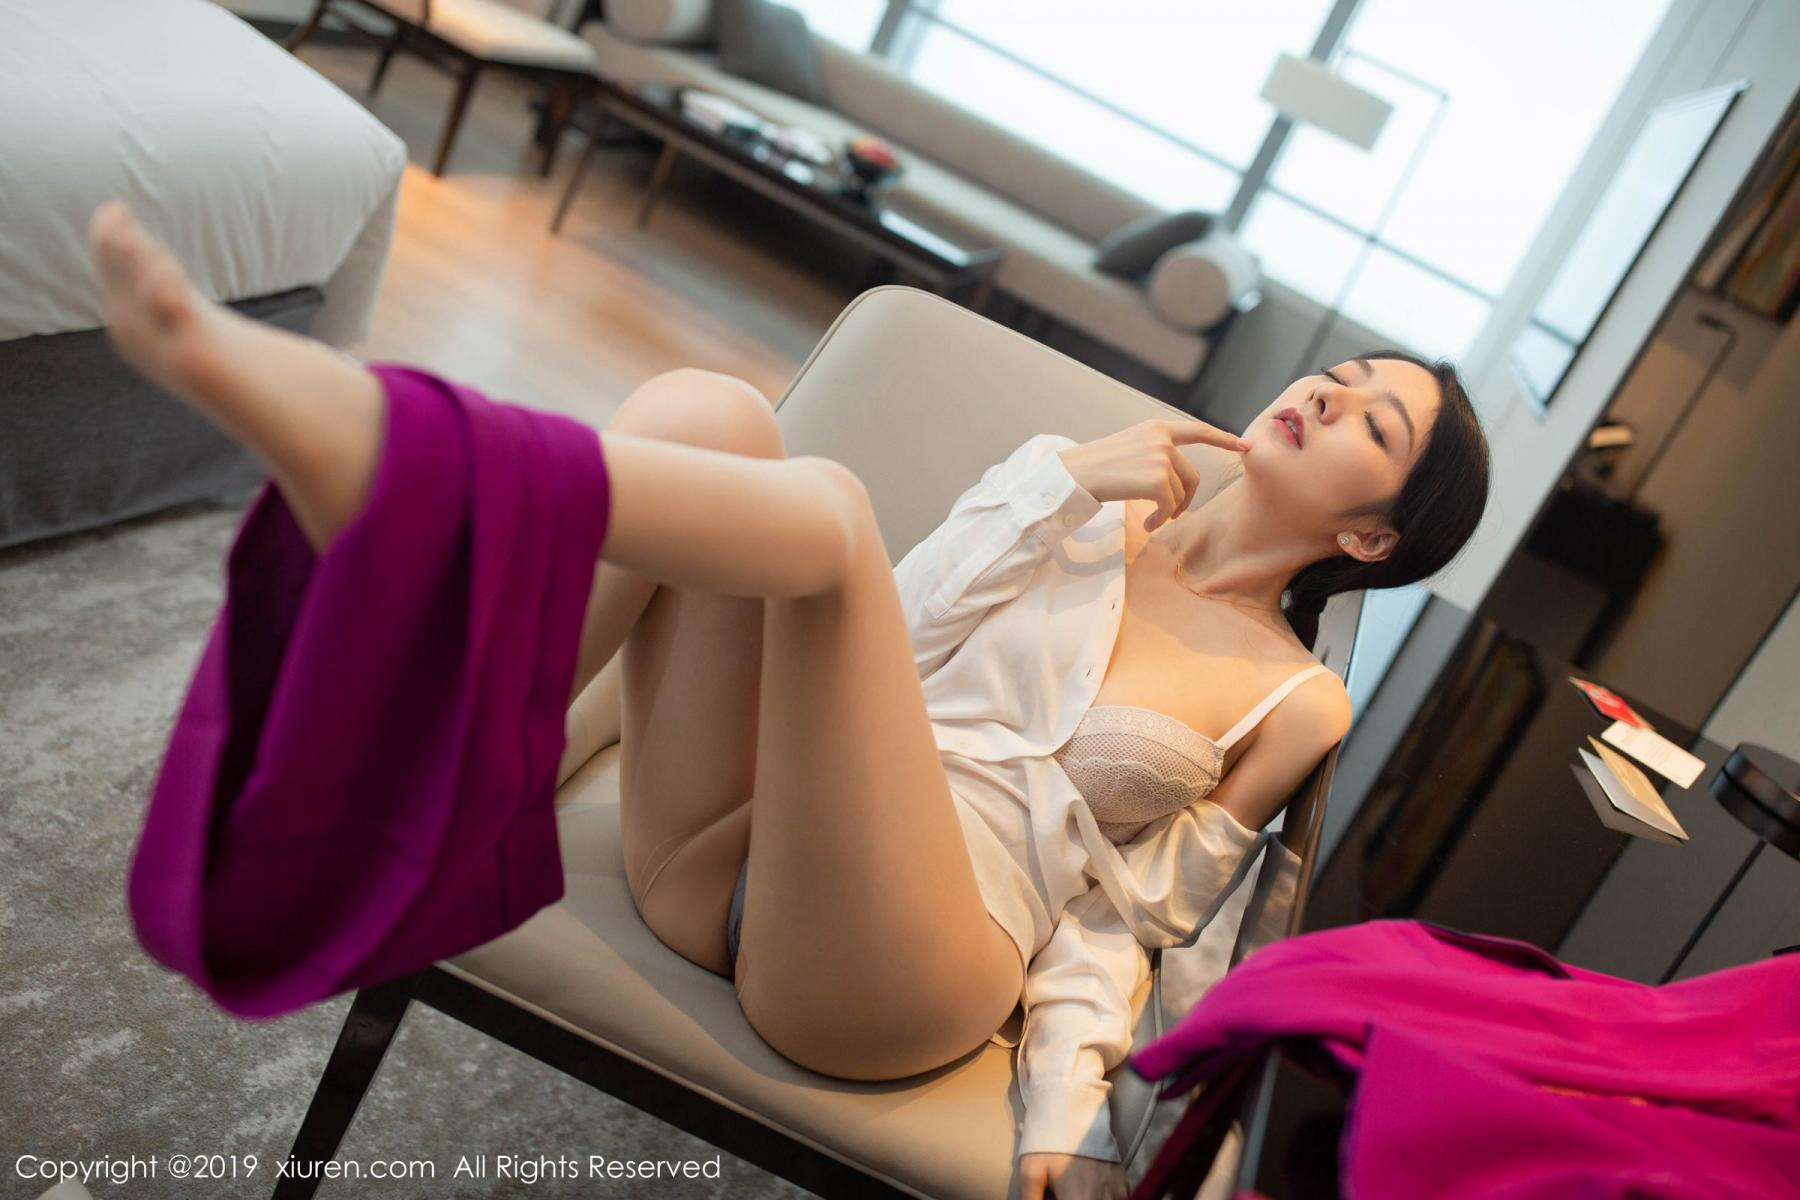 [XiaoYu] Vol.1799 Xiao Re Ba 60P, Di Yi, Stewardess, Underwear, XiaoYu